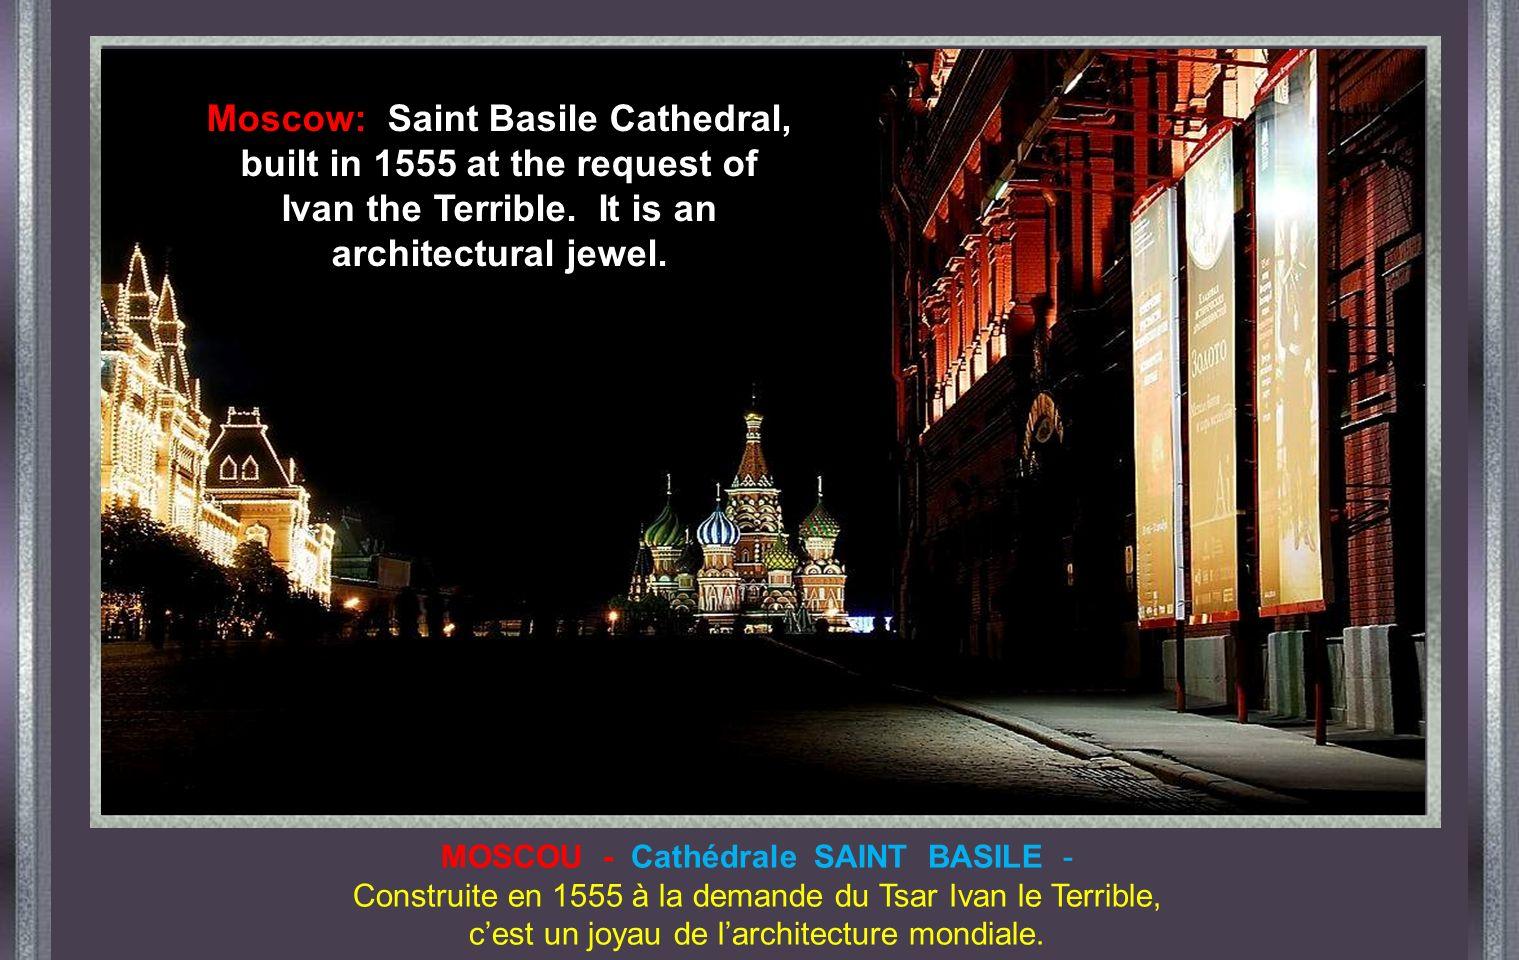 Eglise de la RESURRECTION du CHRIST Durant la période de lUnion Soviétique, elle a subi dimportantes dégradations.